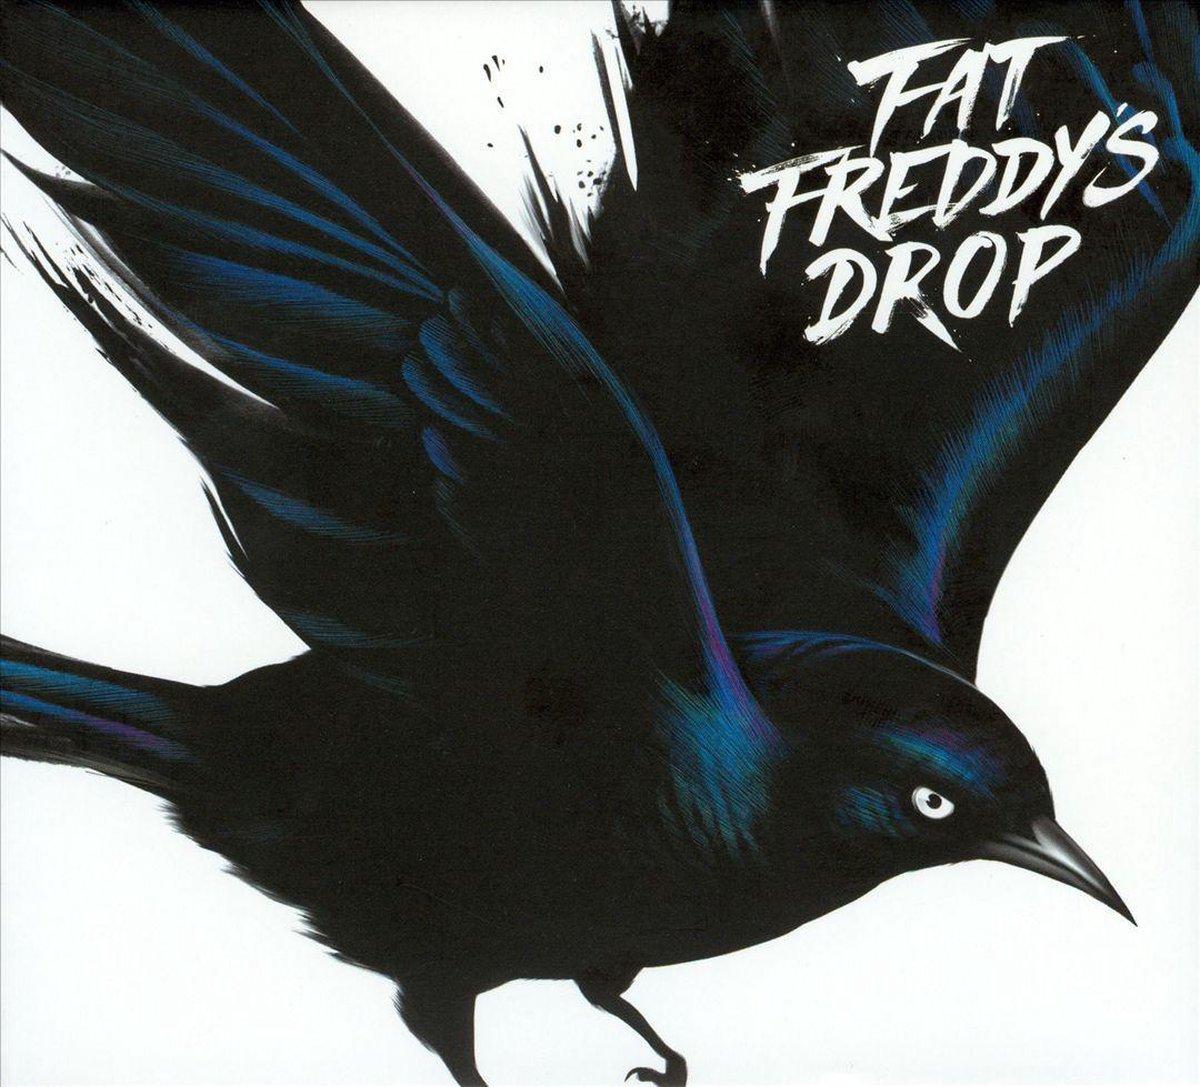 Blackbird - Fat Freddys Drop